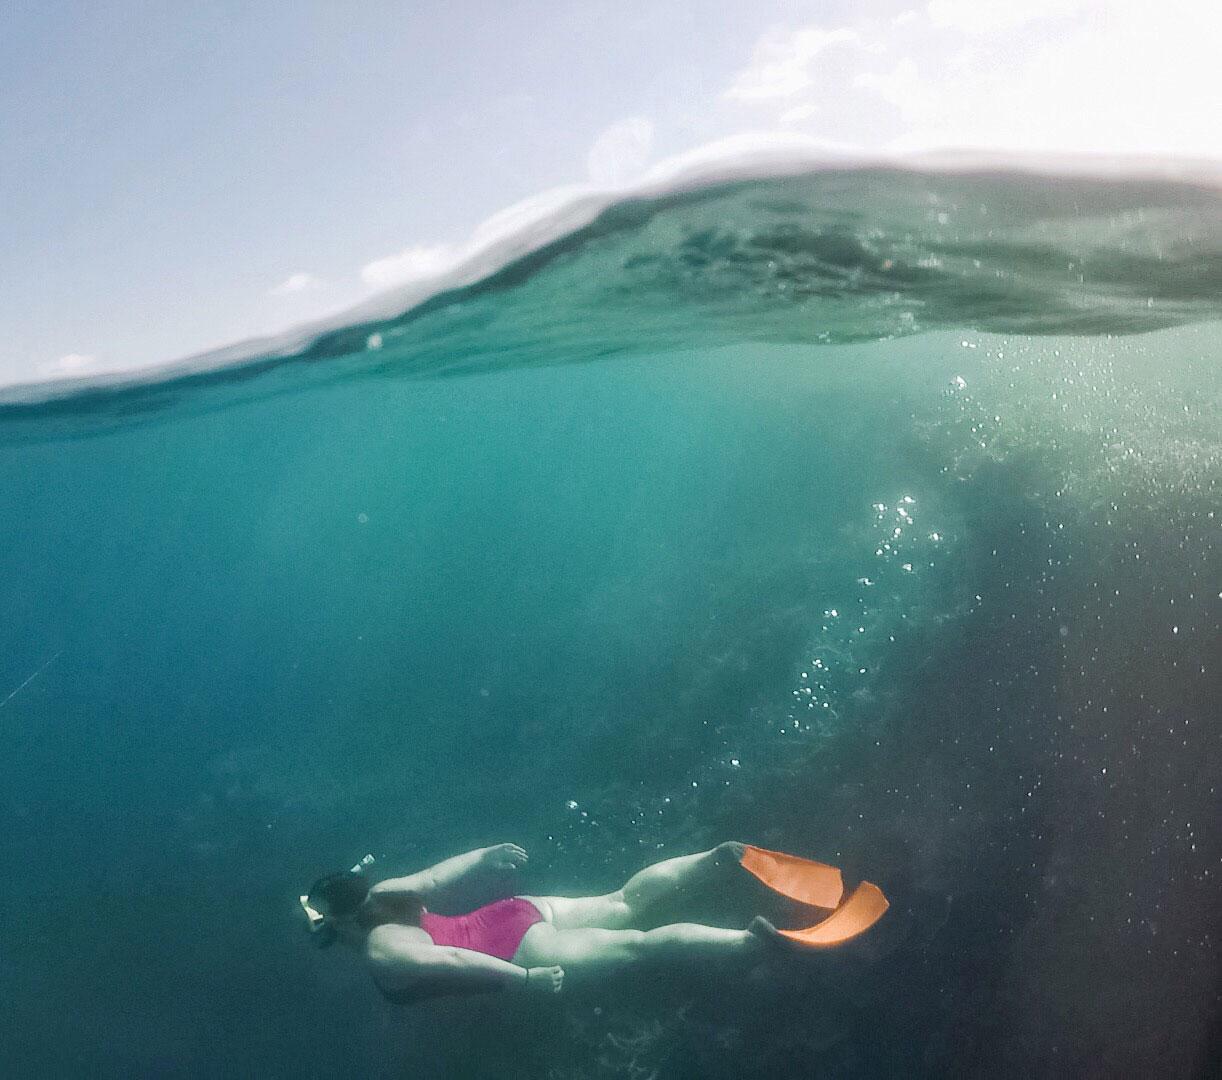 Sommer Bucket List Schwimmen See Meer Juni